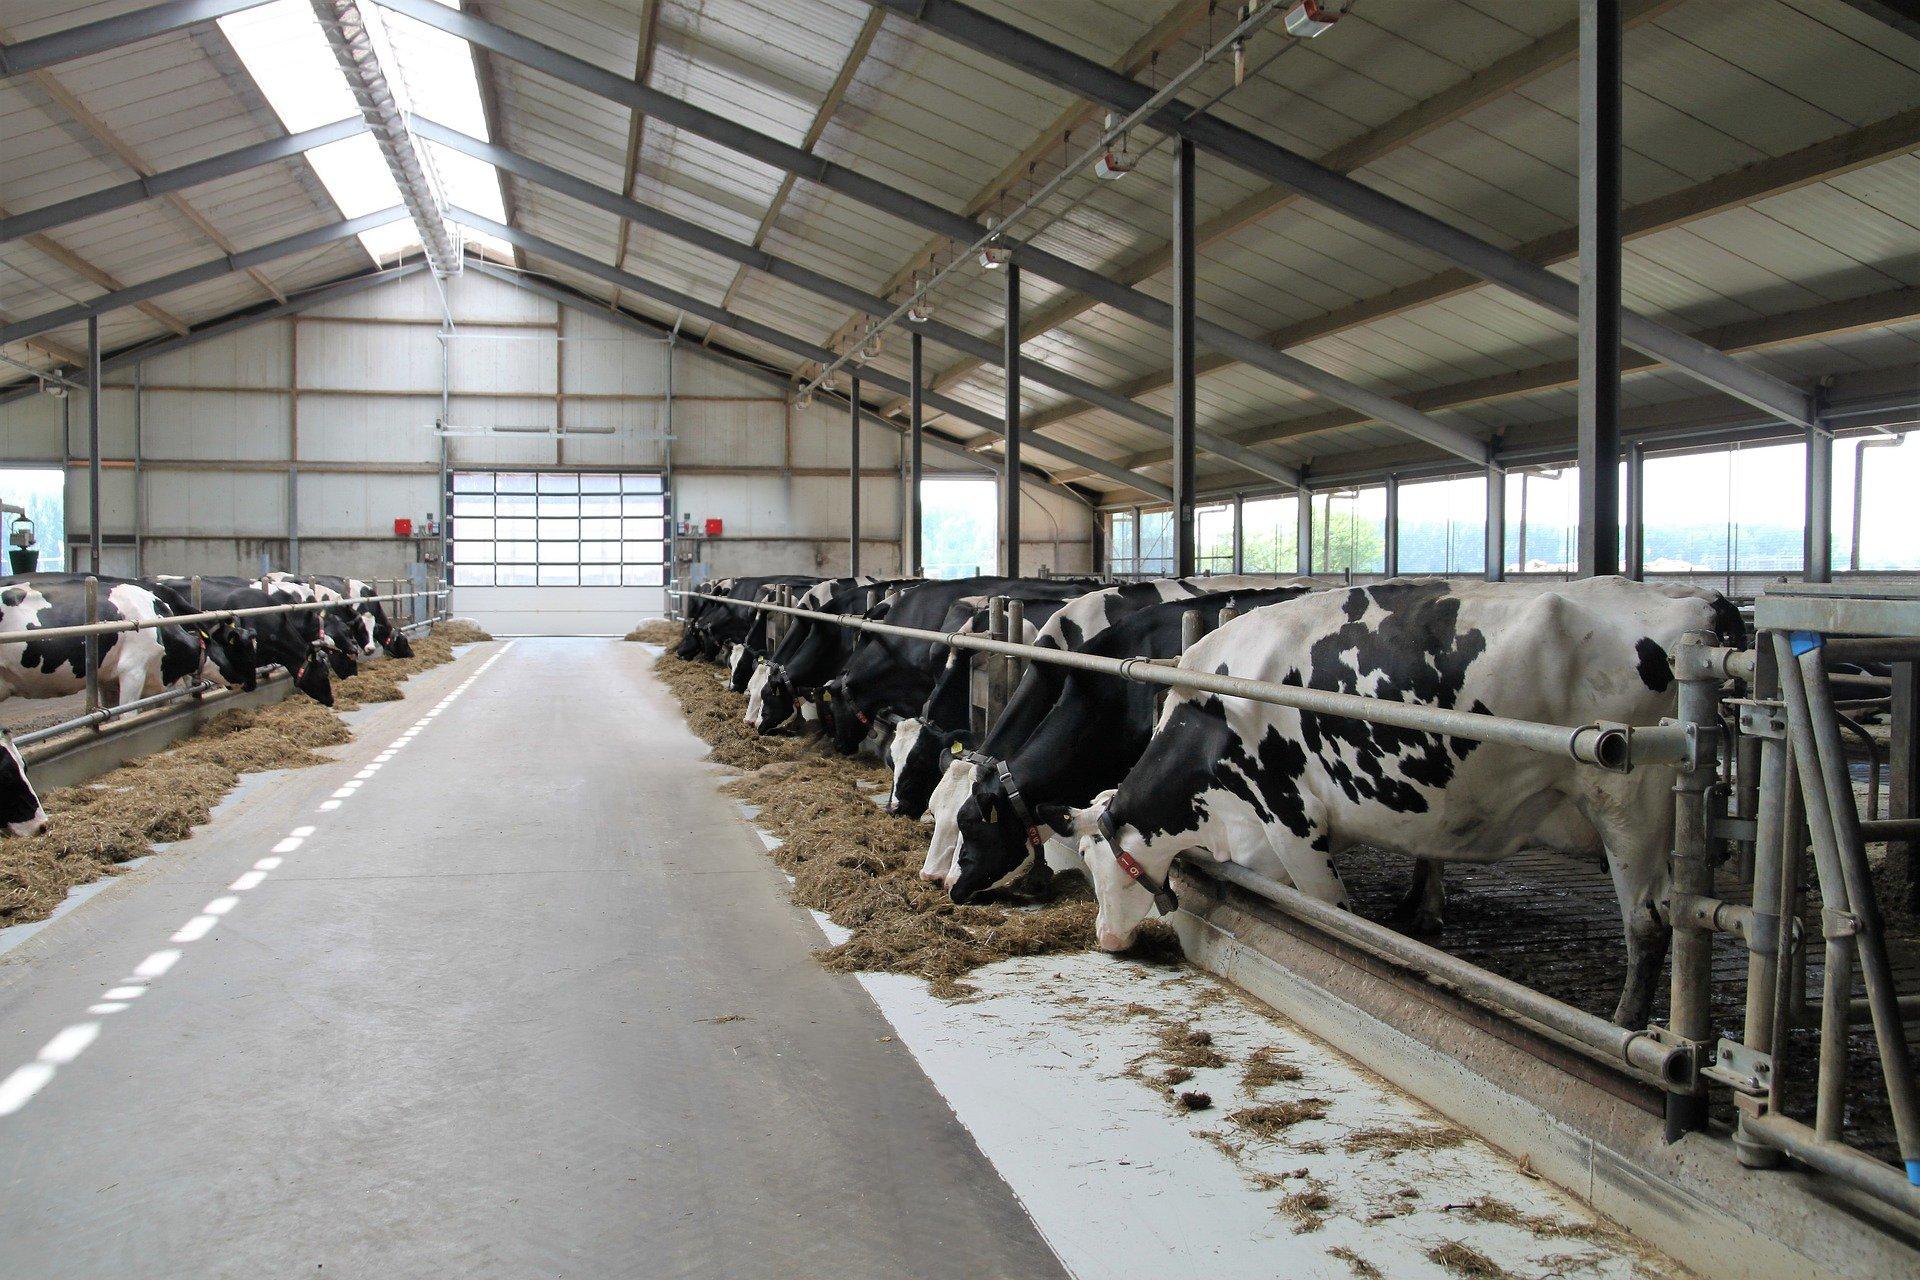 01 Pulizia Azienda agricola Farm